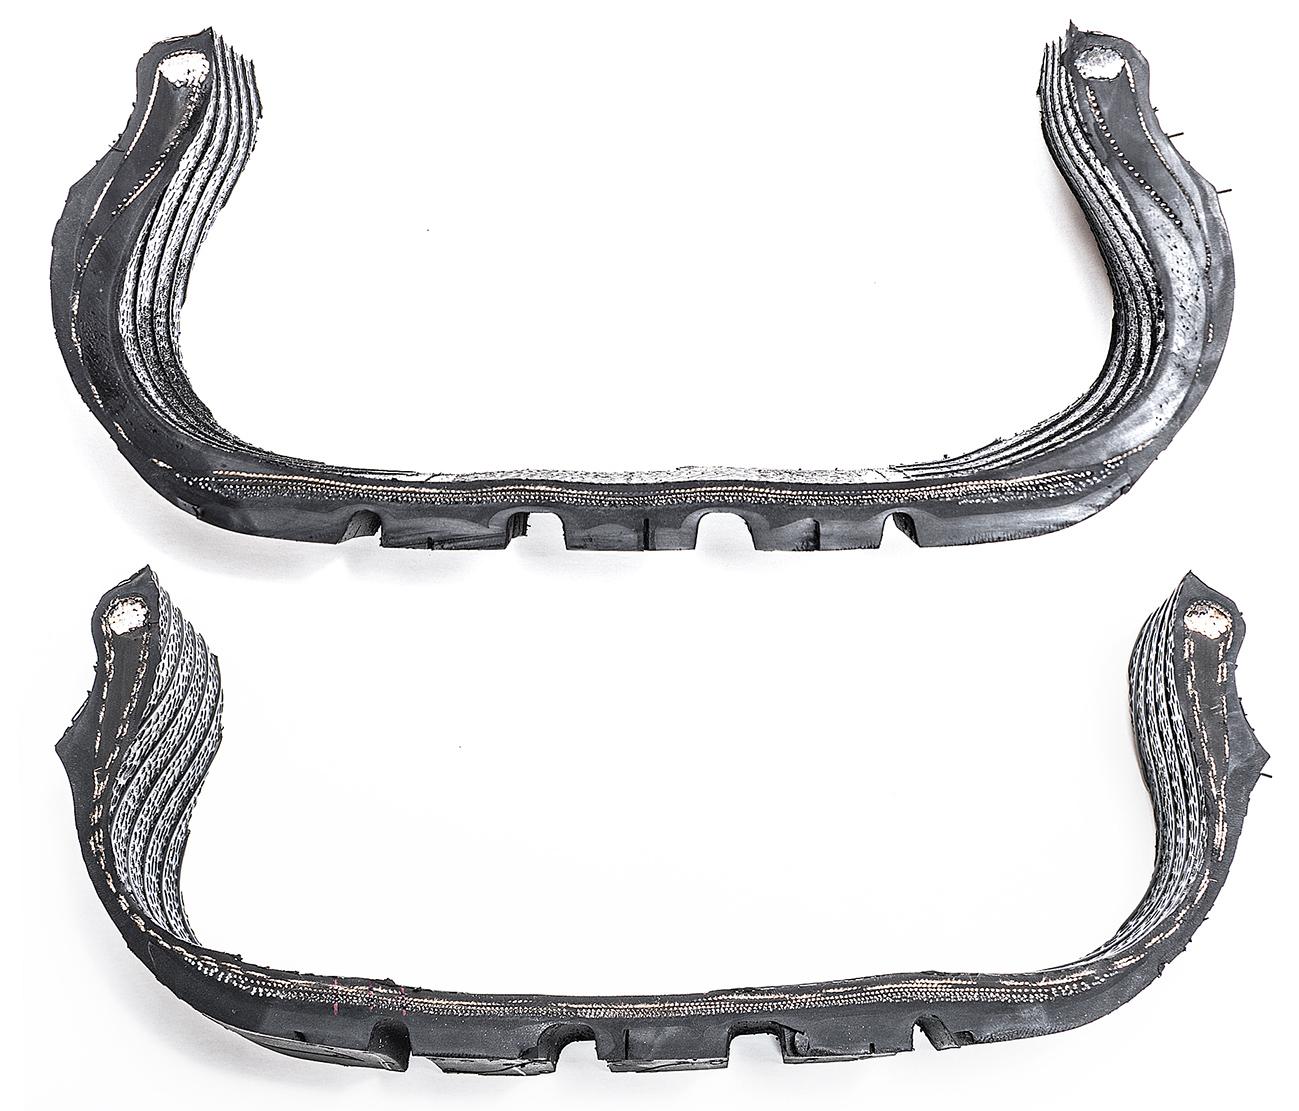 Corte transversal em pneu convencional e Run Flat mostra as diferenças na estrutura. O de cima, Run Flat, tem mais camadas de borracha de diferentes densidades nos flancos e ombros (encontro entre a banda de rodagem e a lateral)